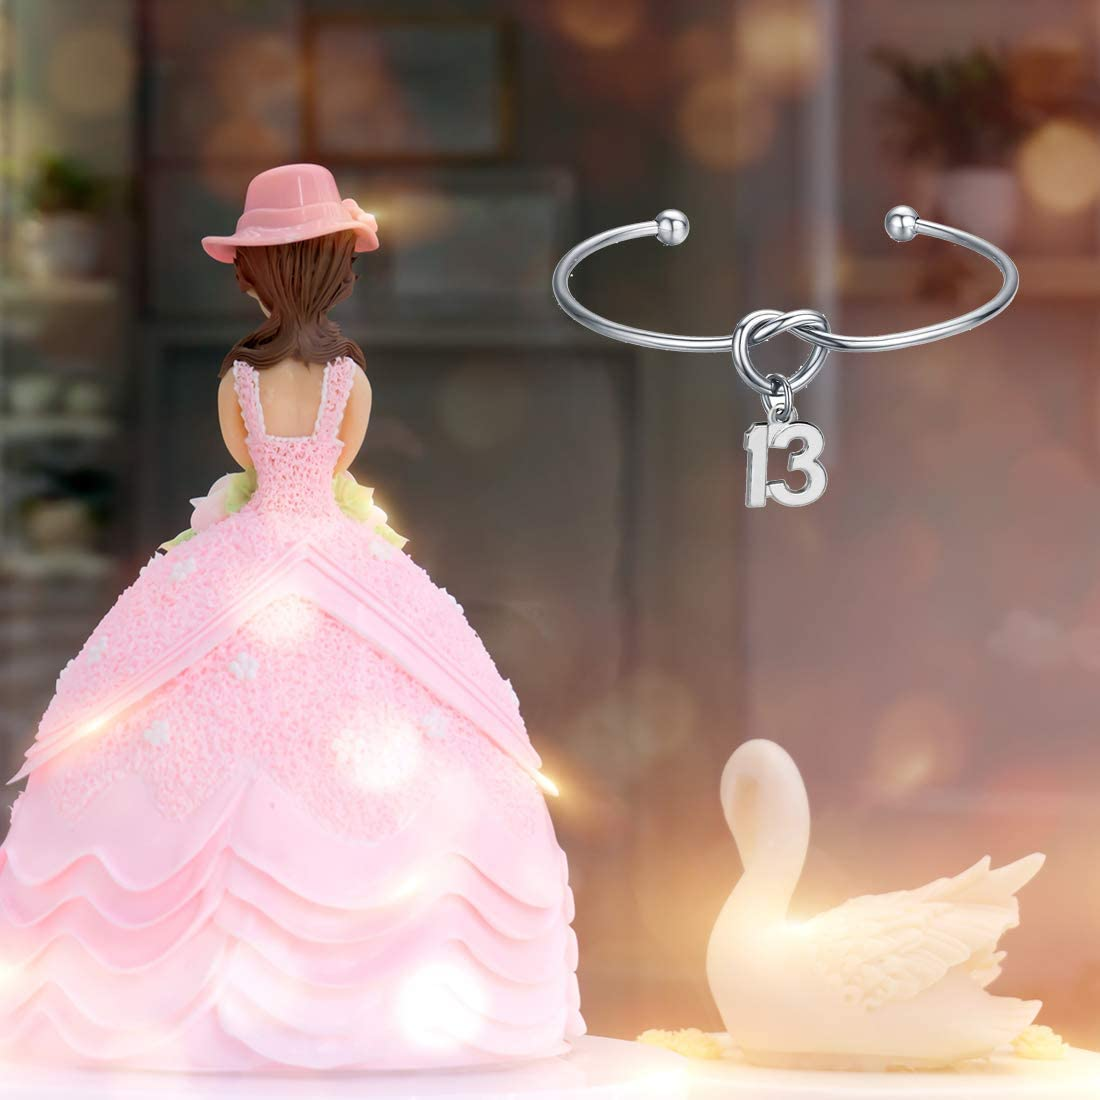 13th bracelet CHOROY 13th Birthday Bracelet Official Teenager Bracelet Gift 13th Birthday Gift for Her